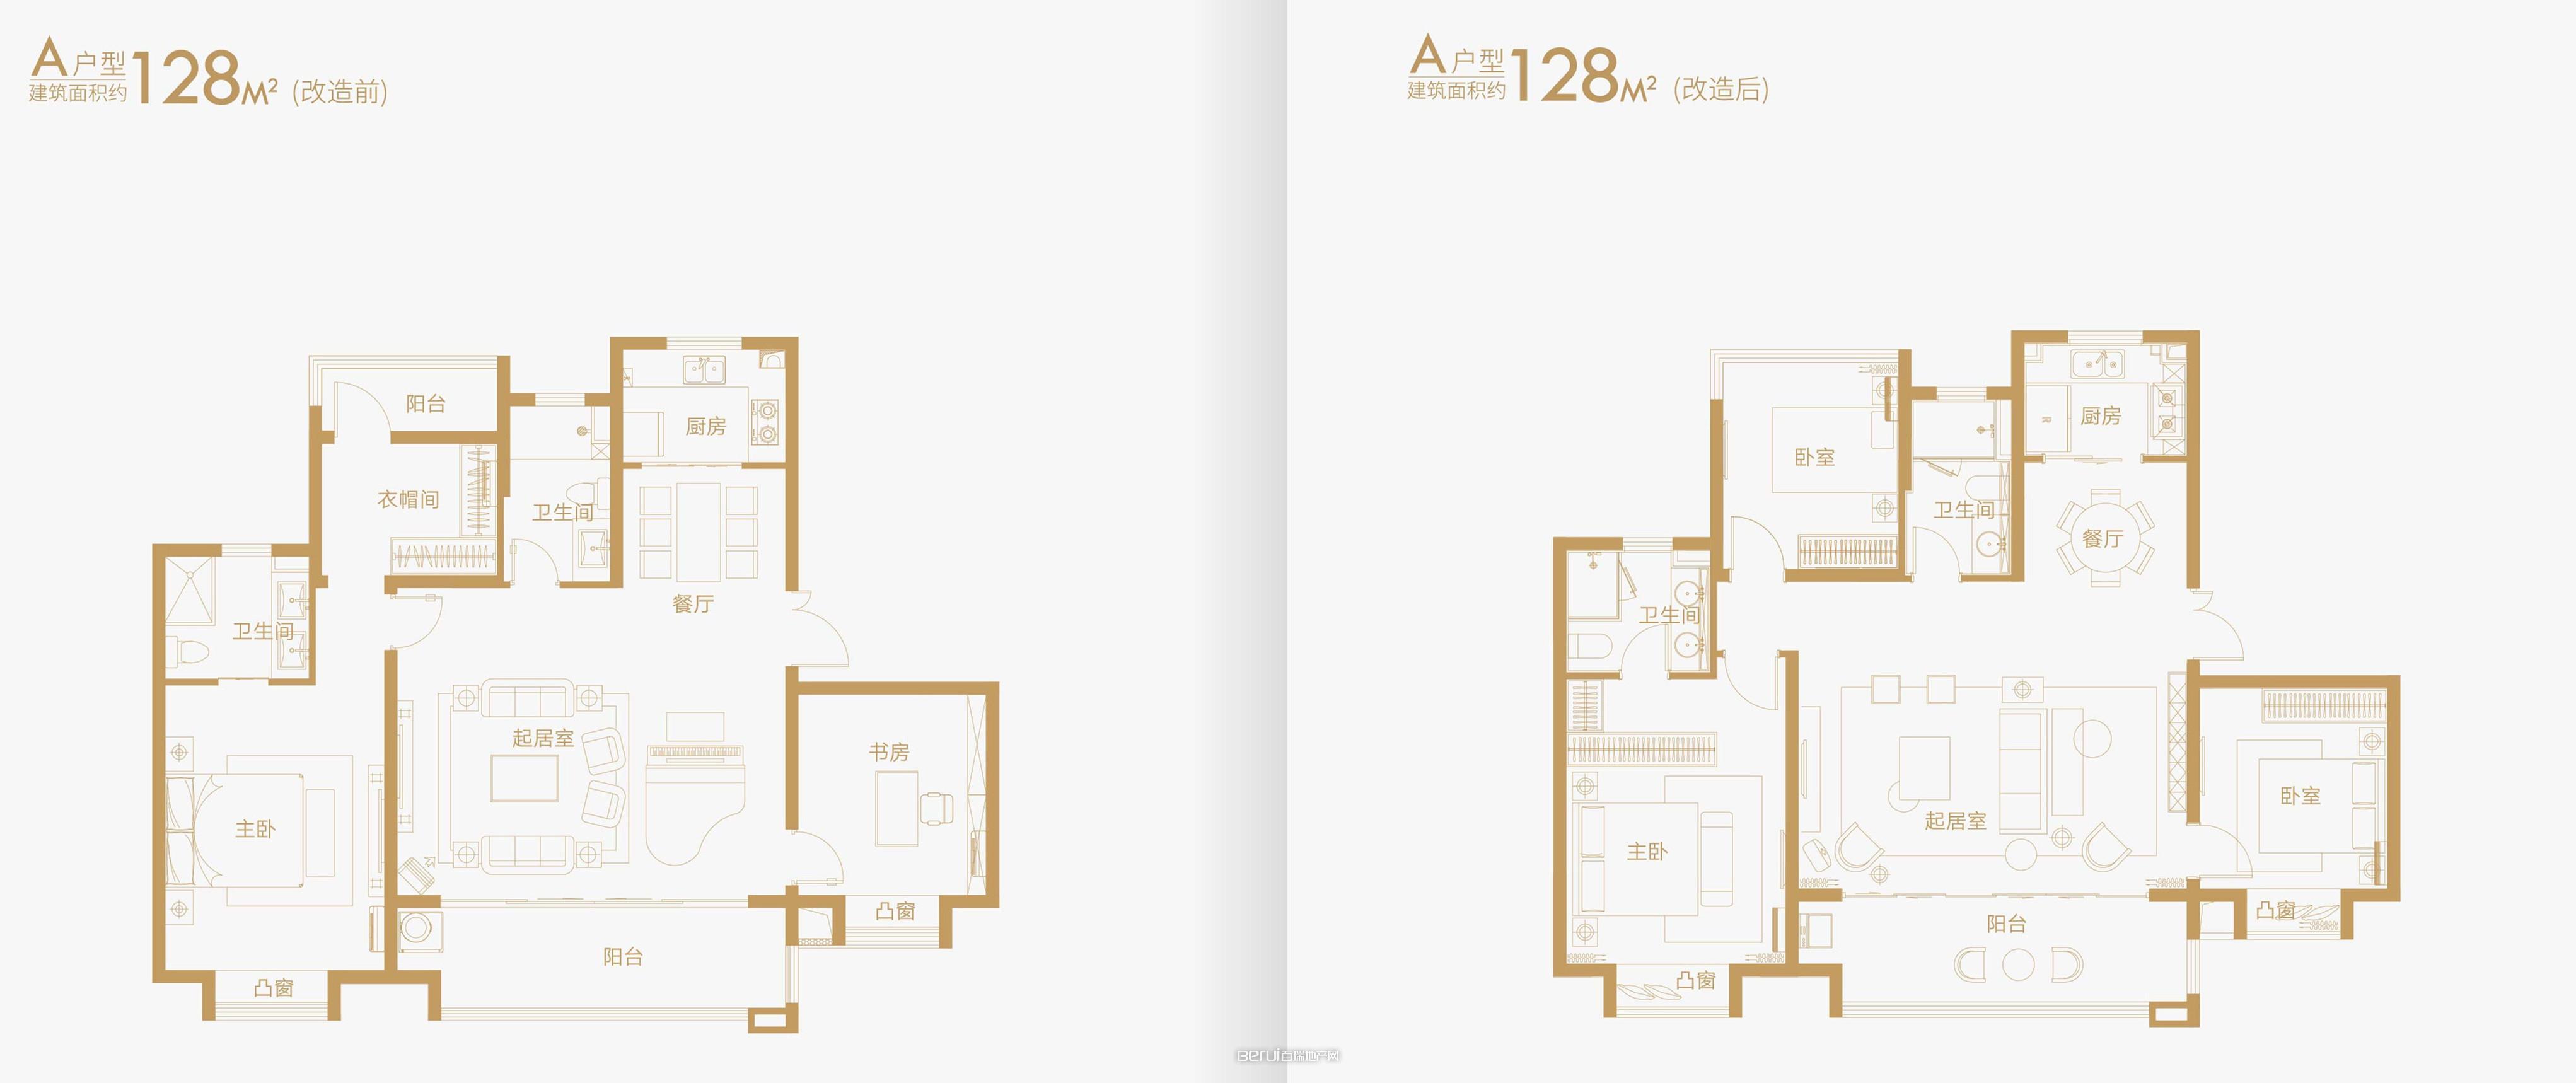 3室2厅2卫128㎡